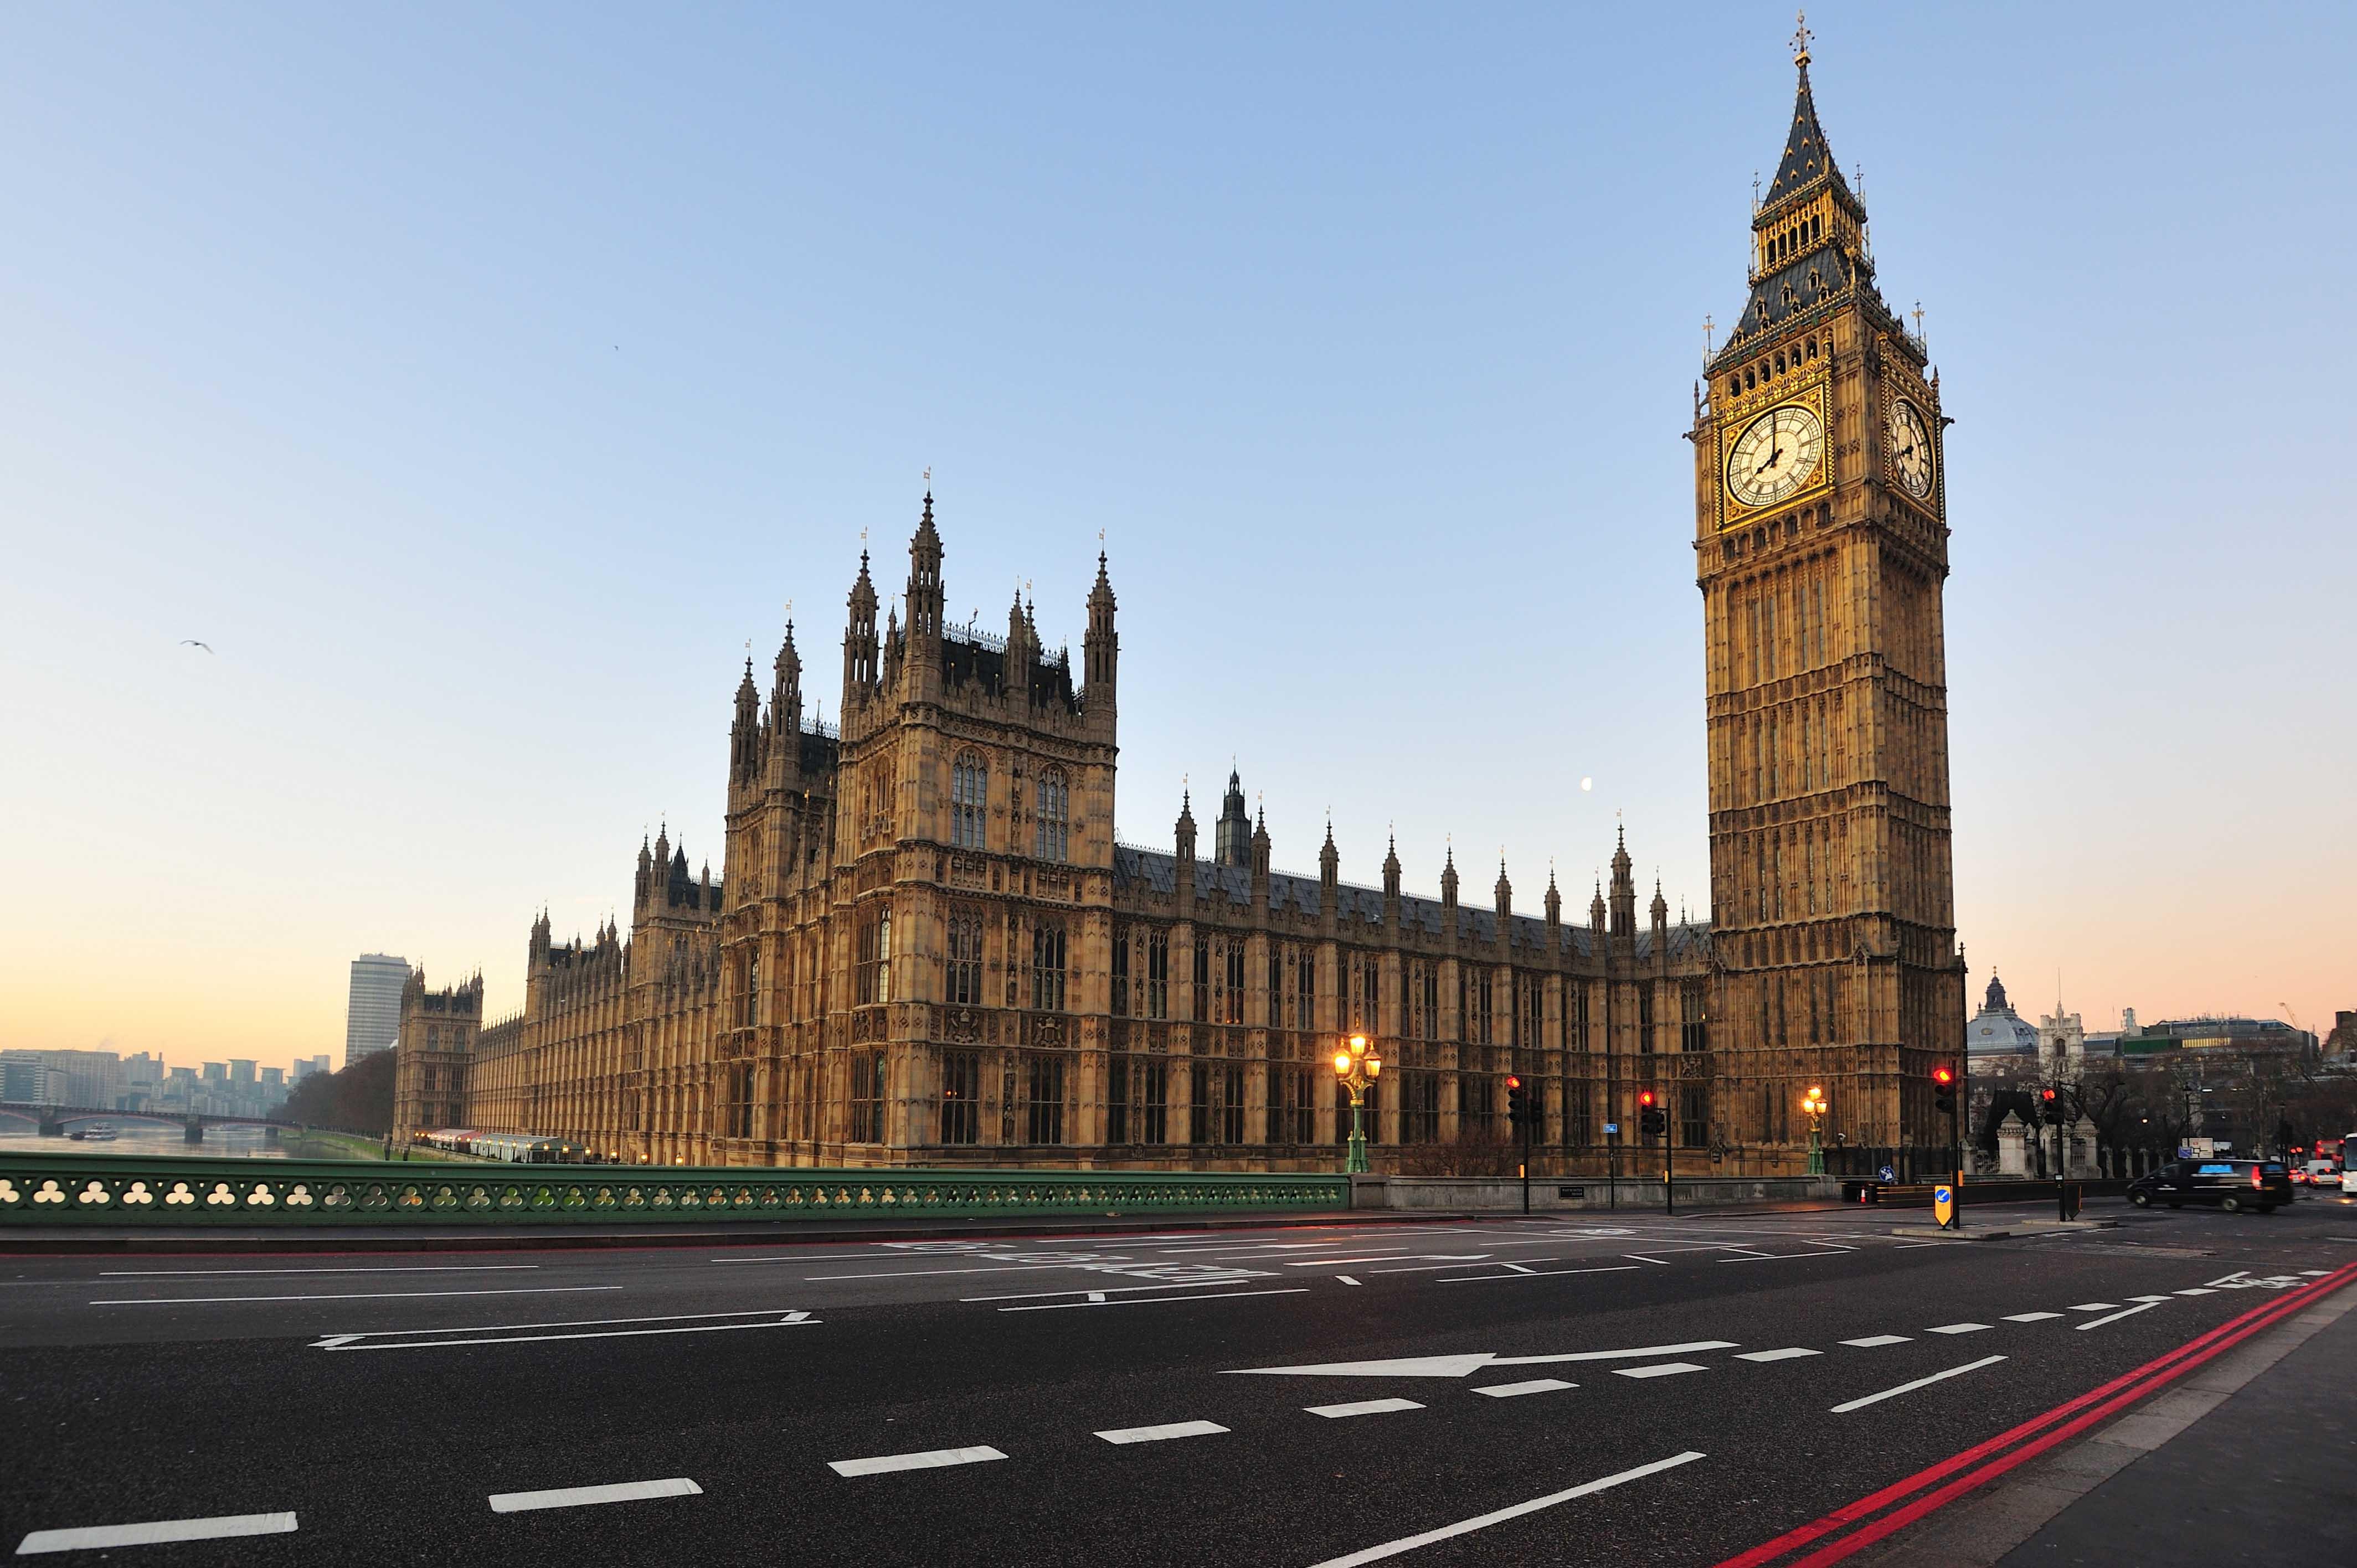 ساعة بيج بن في لندن